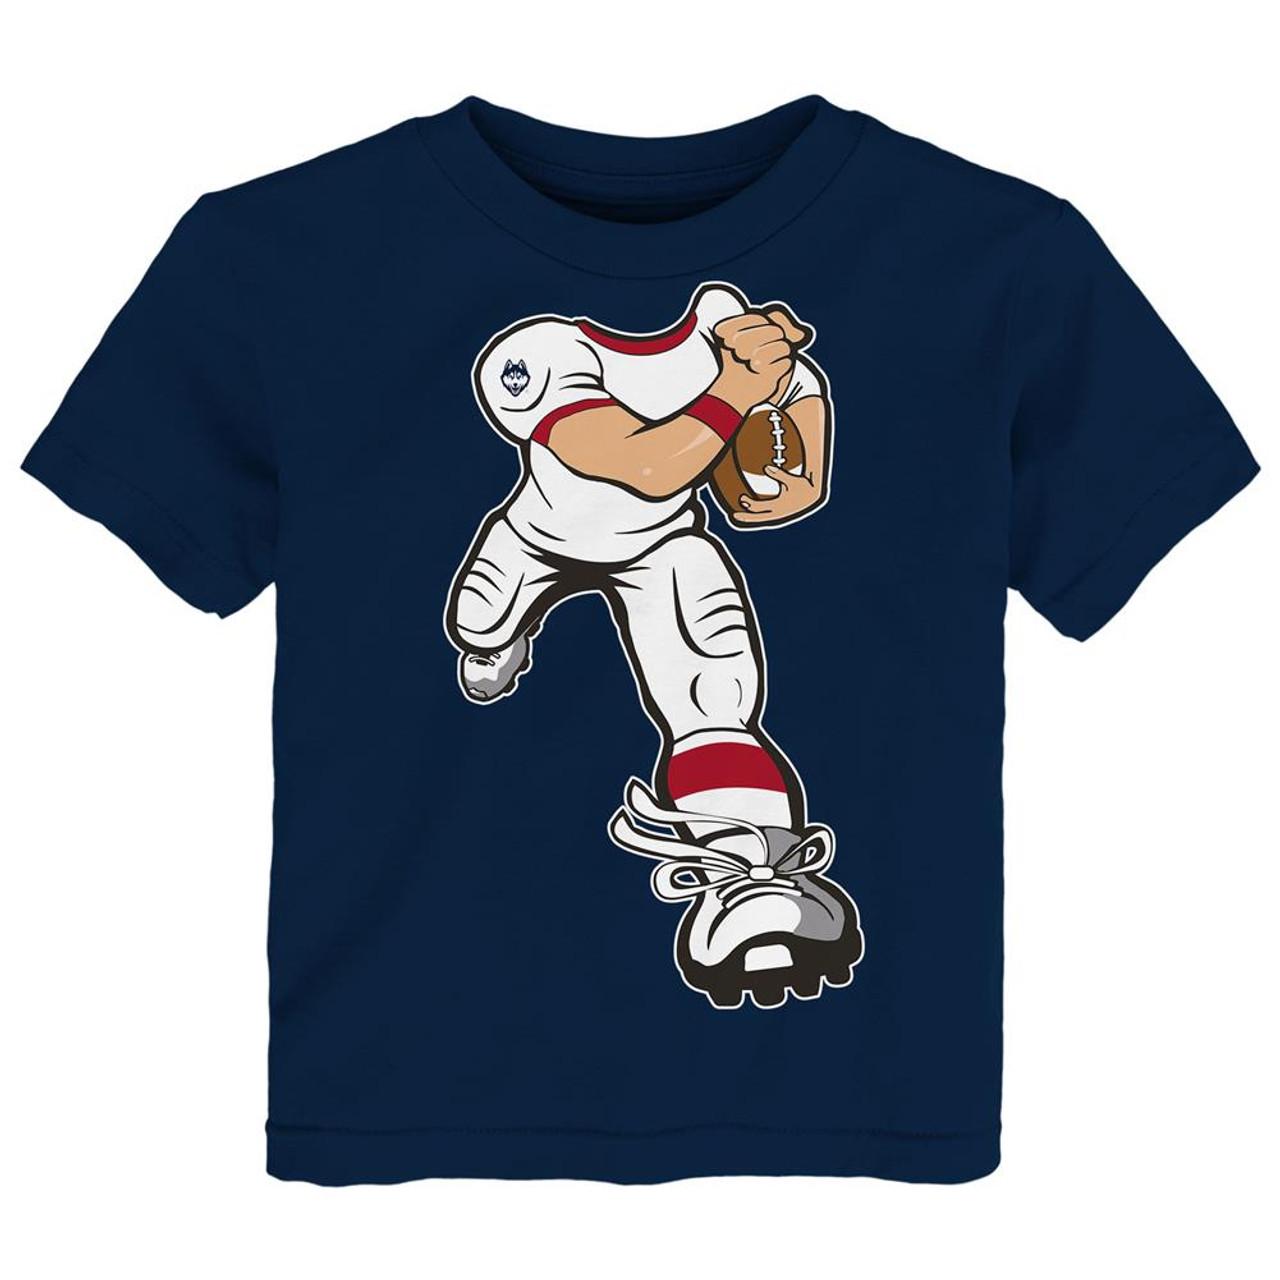 Toddler UCONN Connecticut Huskies Tee Yard Rush Toddler T-Shirt